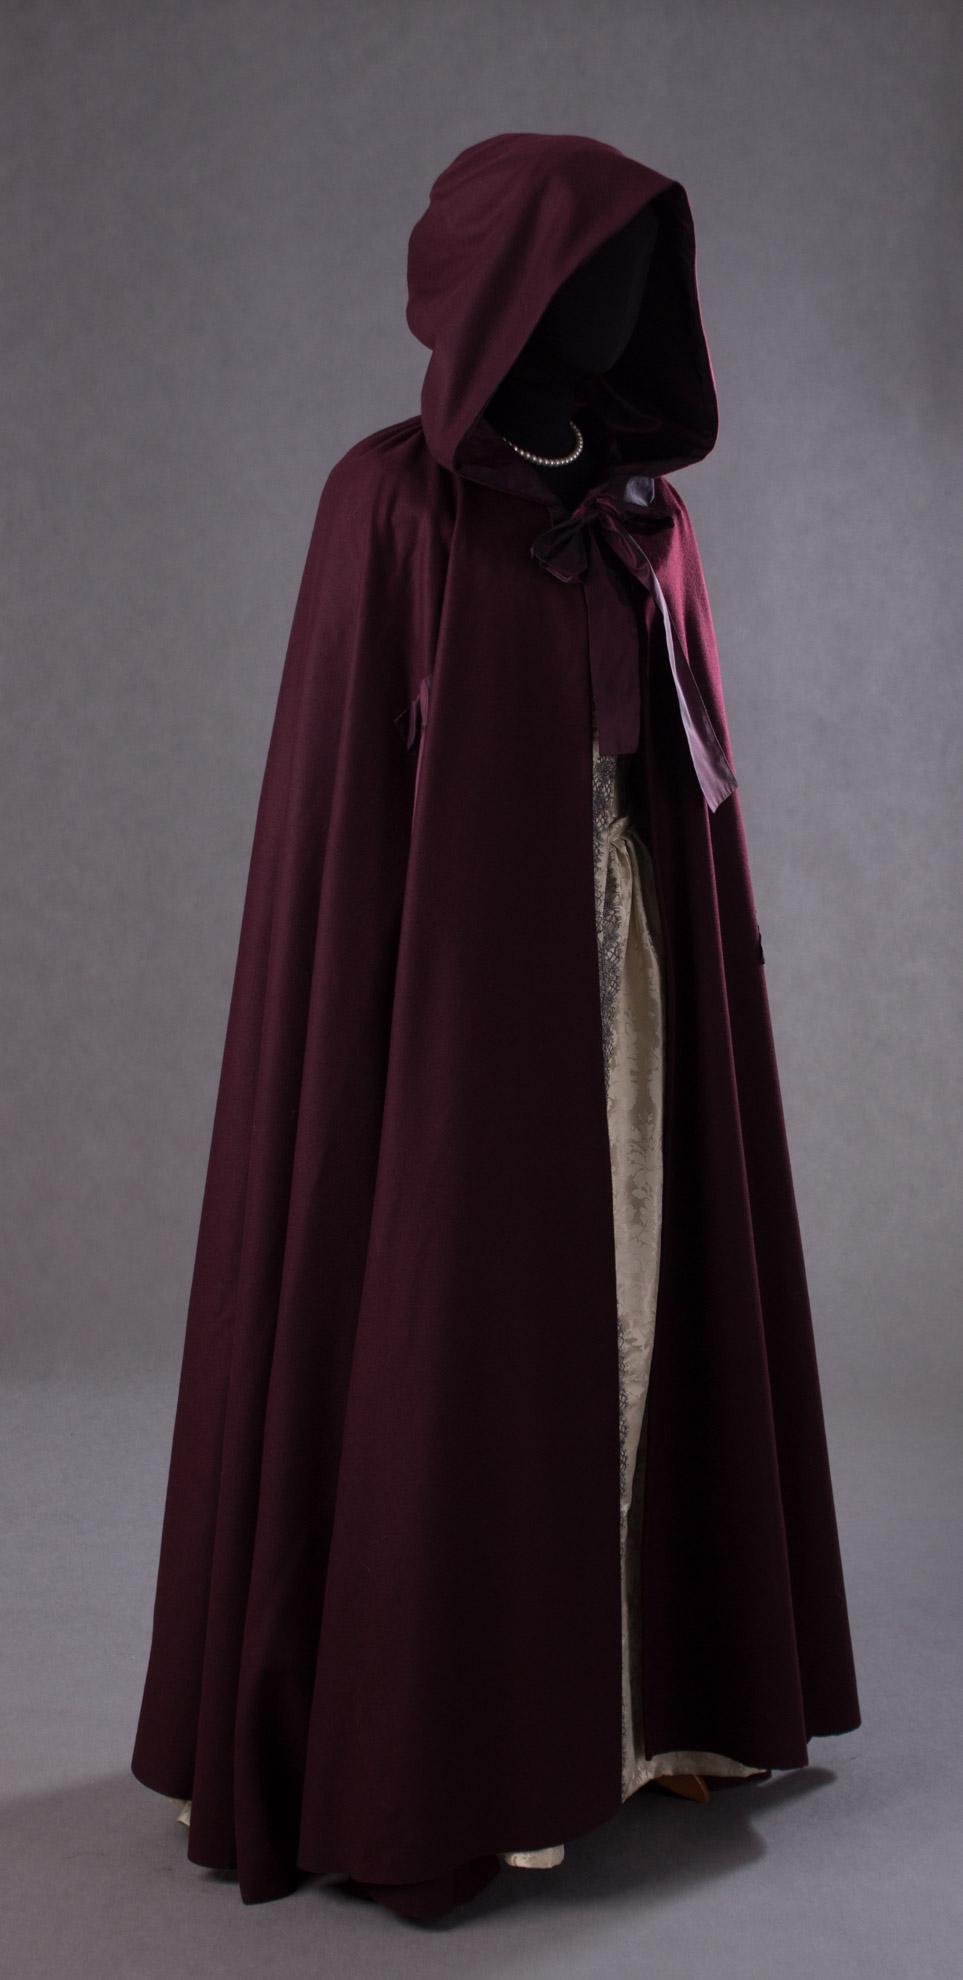 suknia-z-adamaszku-jedwabnego-1660-8-of-8